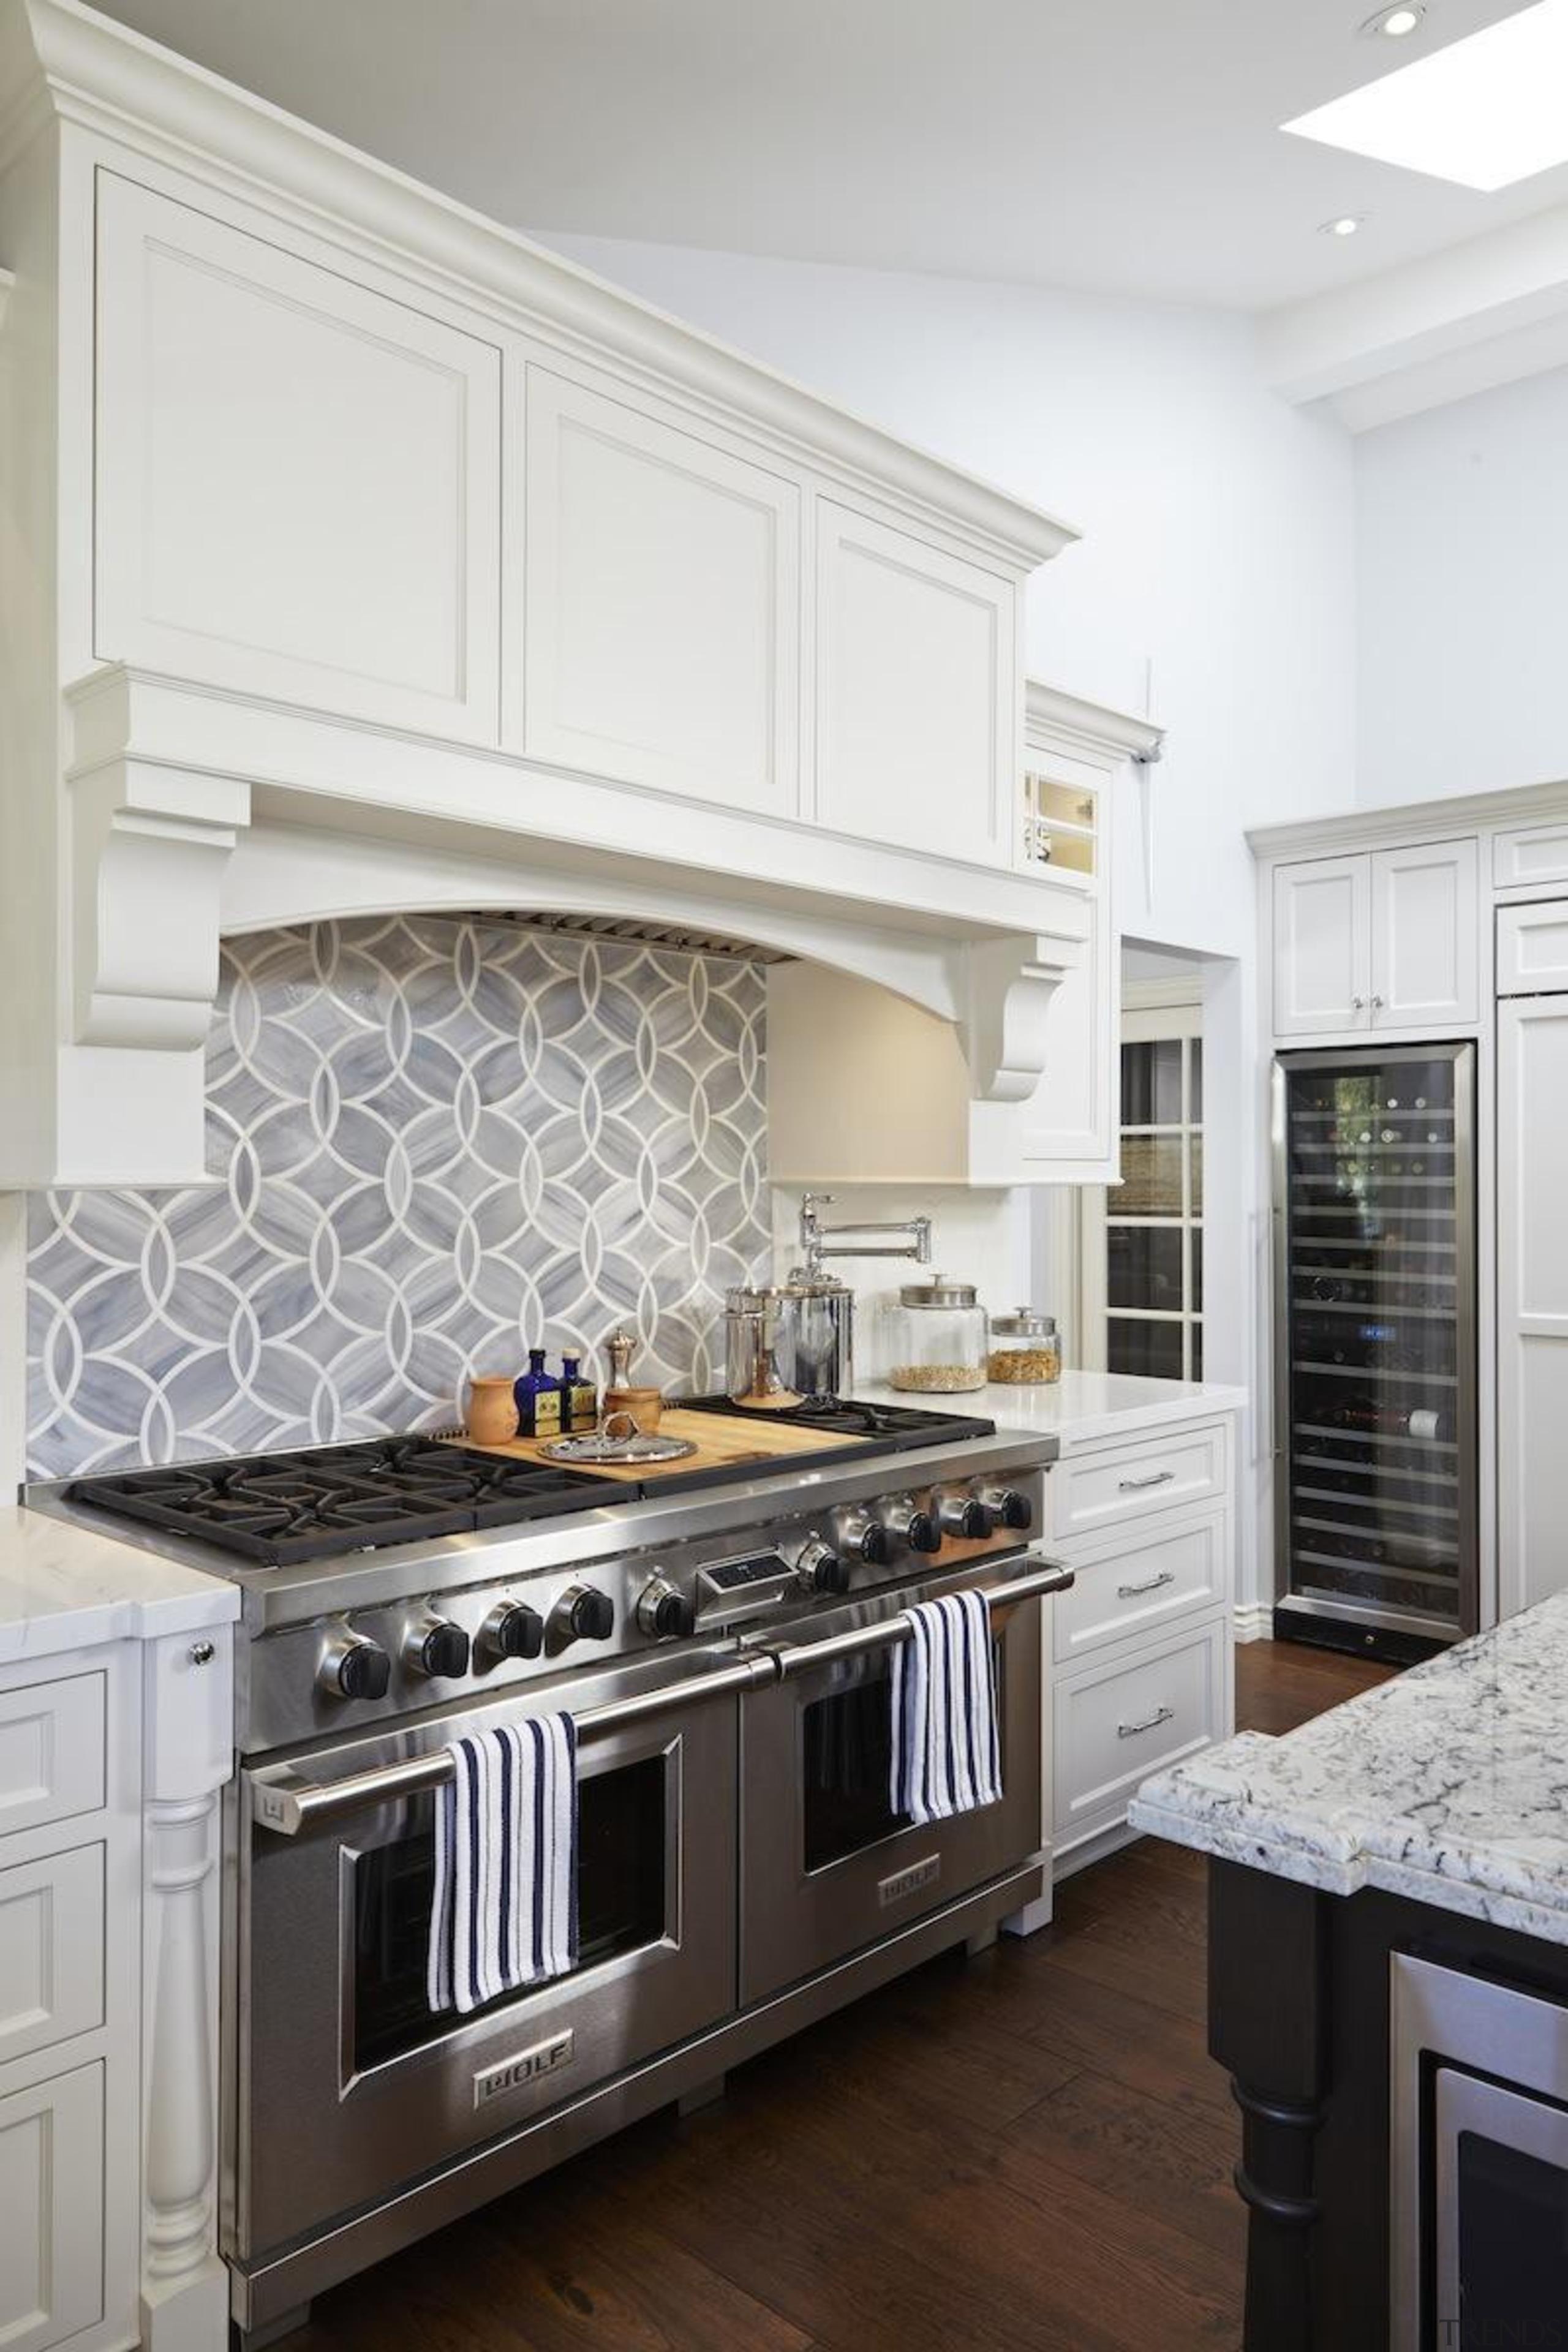 Kitchen Design - Kitchen Design - cabinetry | cabinetry, countertop, cuisine classique, floor, flooring, home, home appliance, interior design, kitchen, kitchen appliance, kitchen stove, room, wood flooring, white, gray